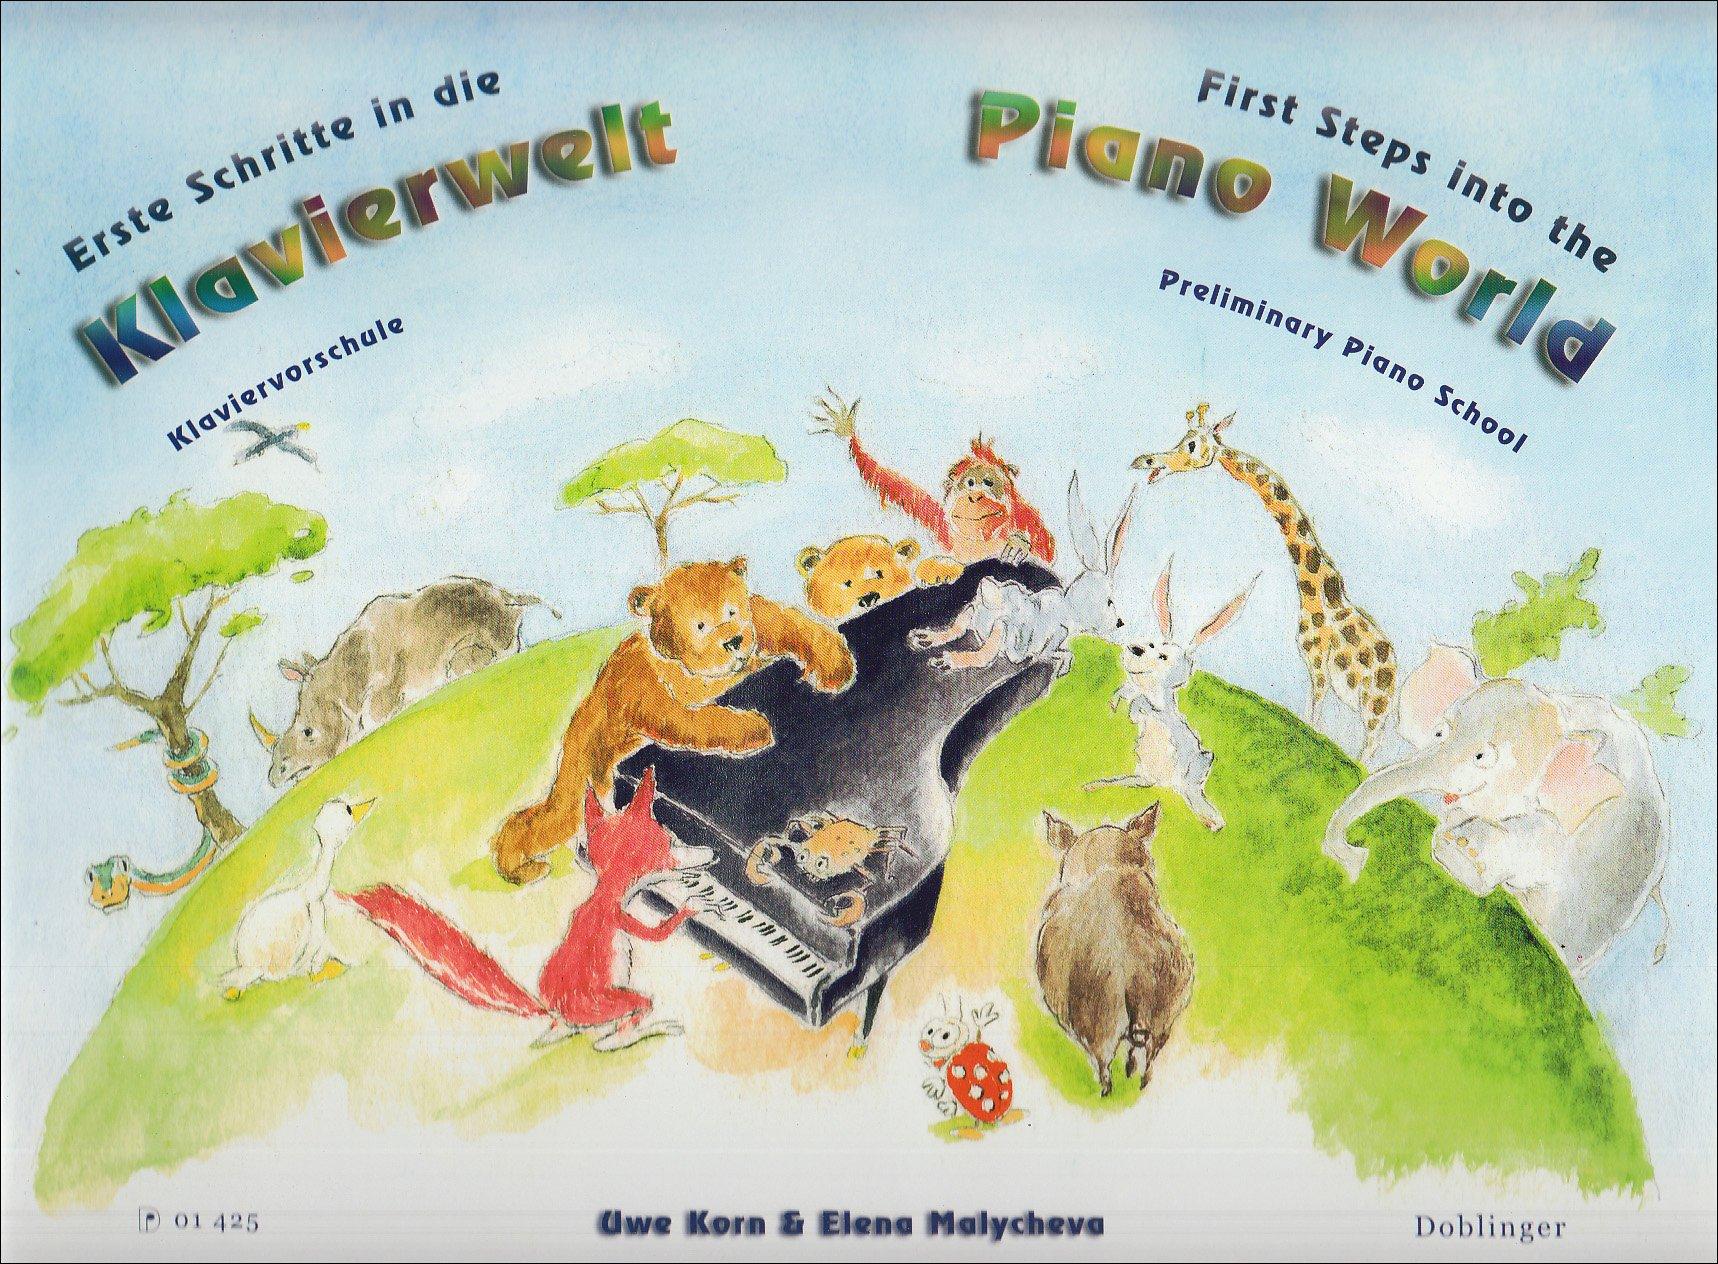 Erste Schritte in die Klavierwelt. First Steps into the Piano World: Klavier-Vorschule für Kinder ab 4 Jahren. Gut geeignet für den Gruppenunterricht